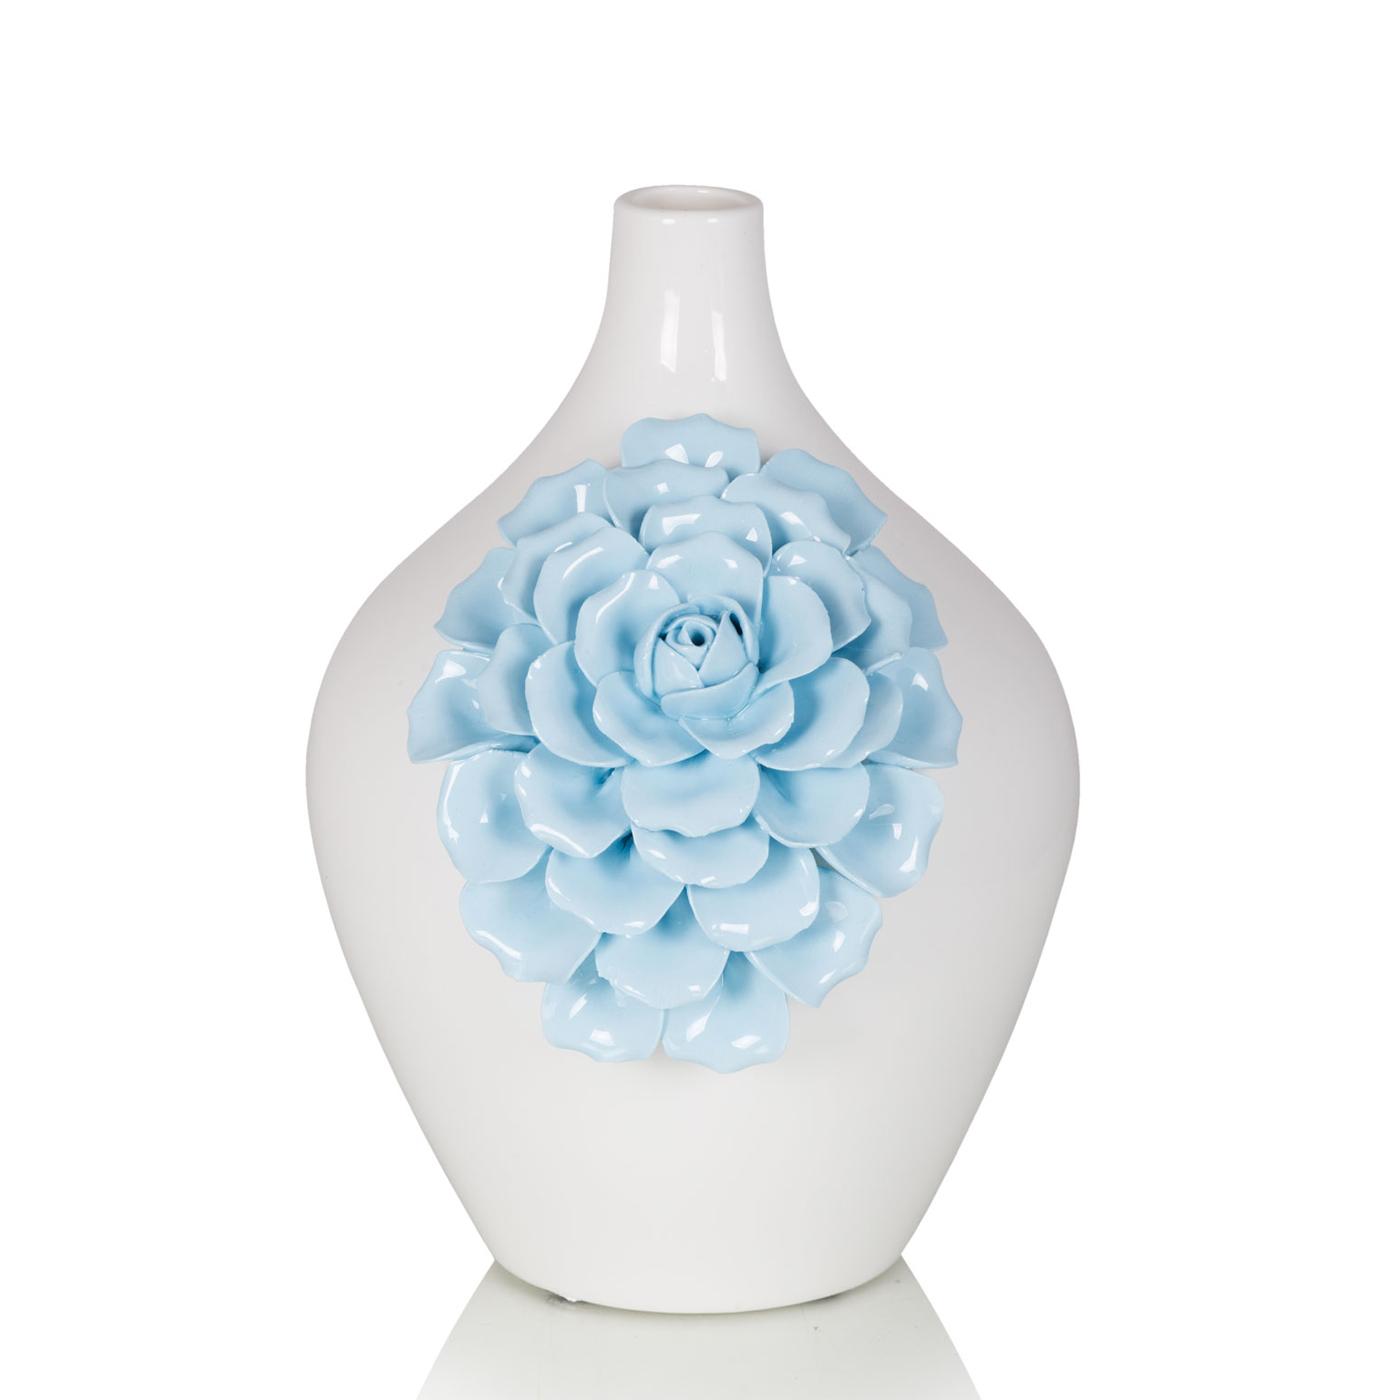 {} Home Philosophy Ваза Stefania Цвет: Белый-Голубой (14х22 см) ваза кручёная цвет белый 51 см 1025307